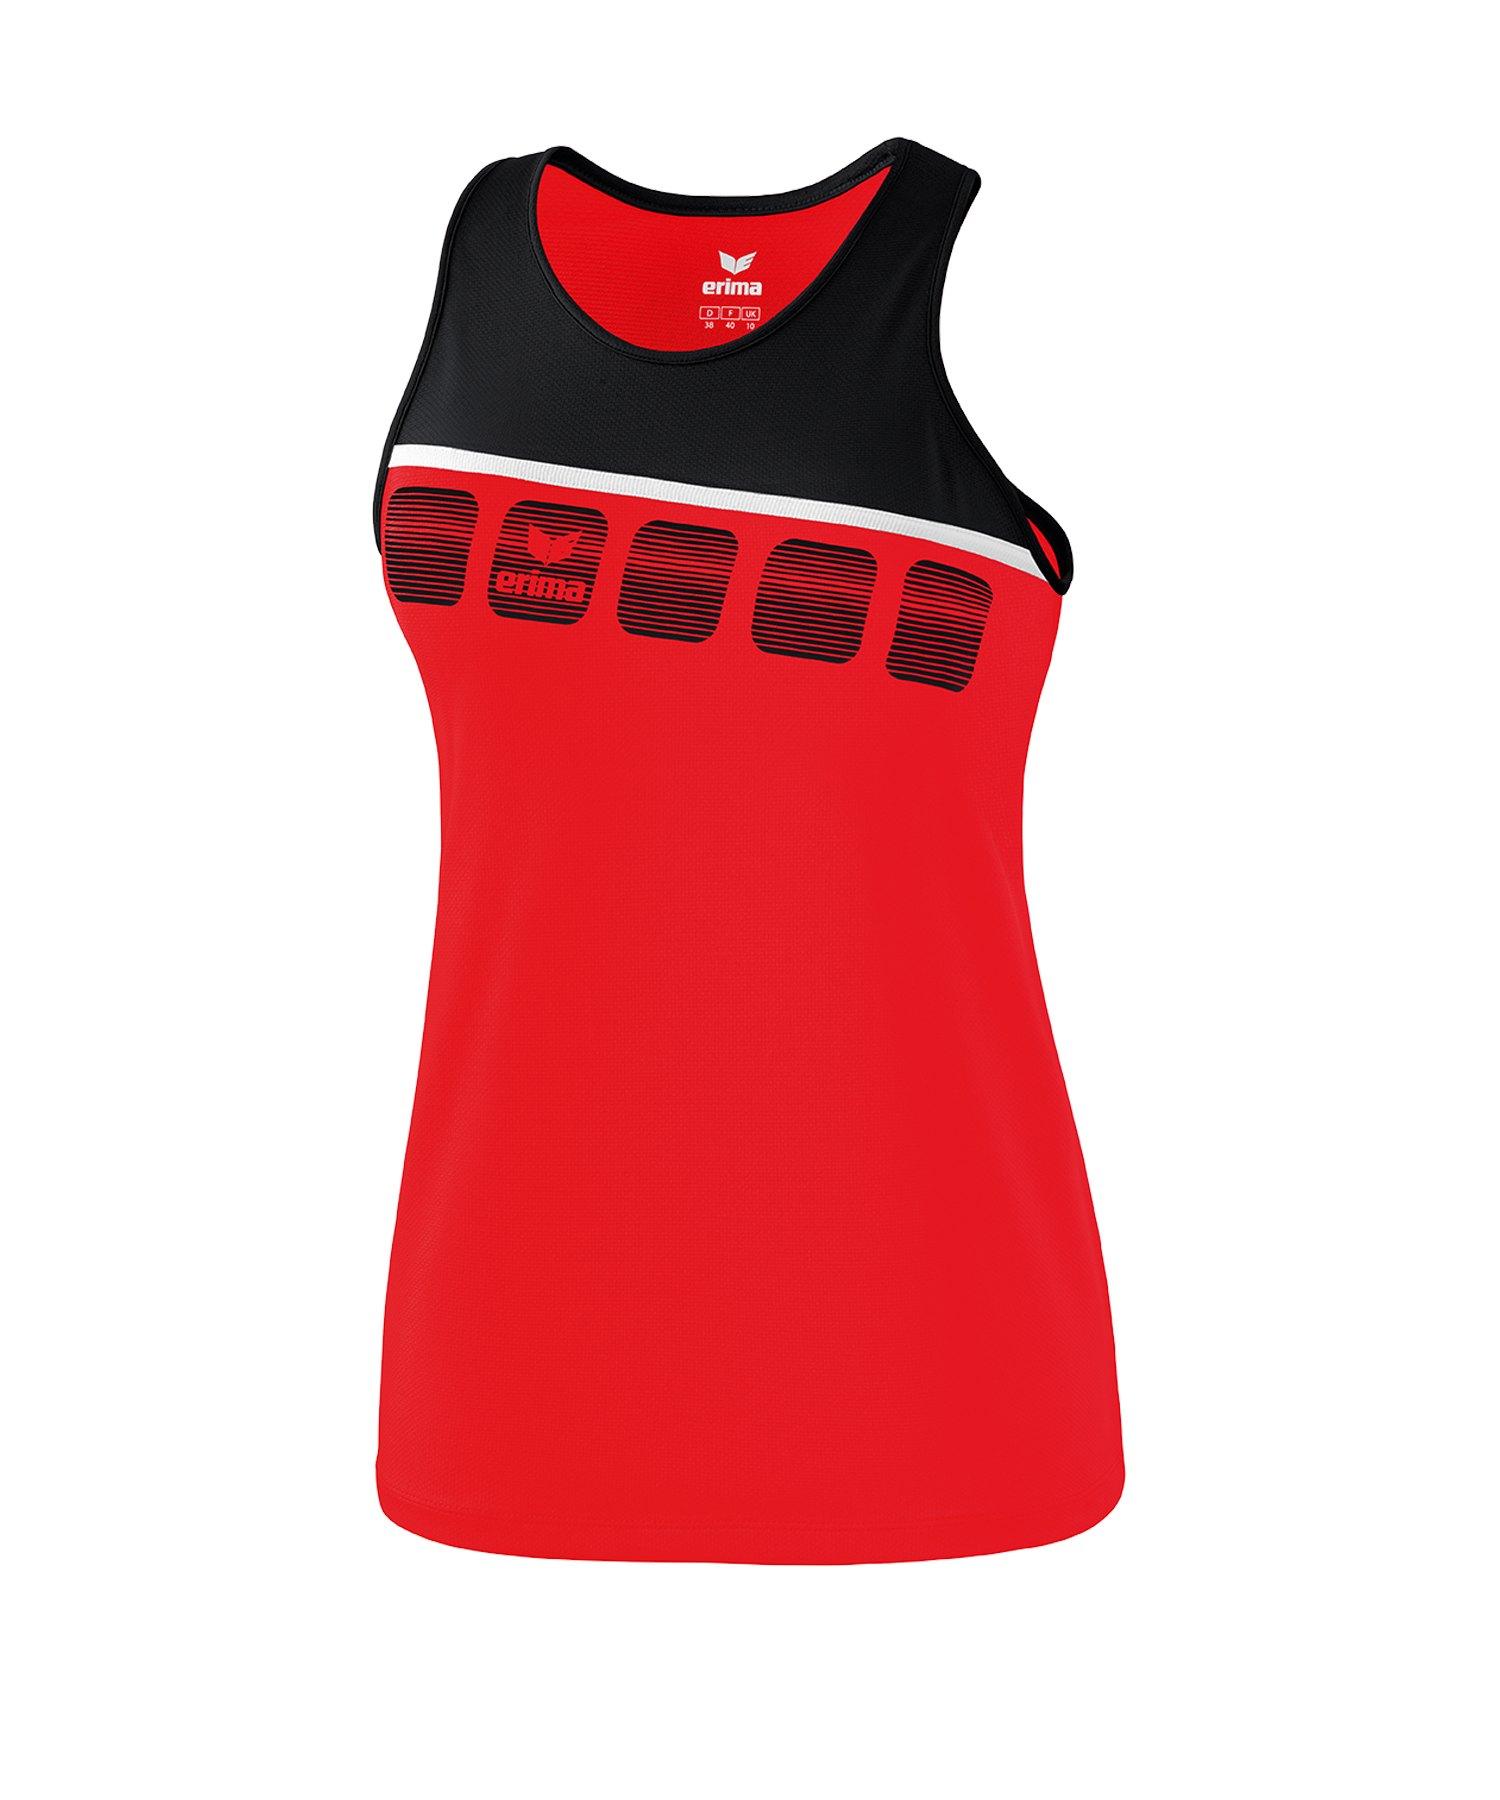 big sale d5a0c 148f2 Erima 5-C Tanktop Damen Rot